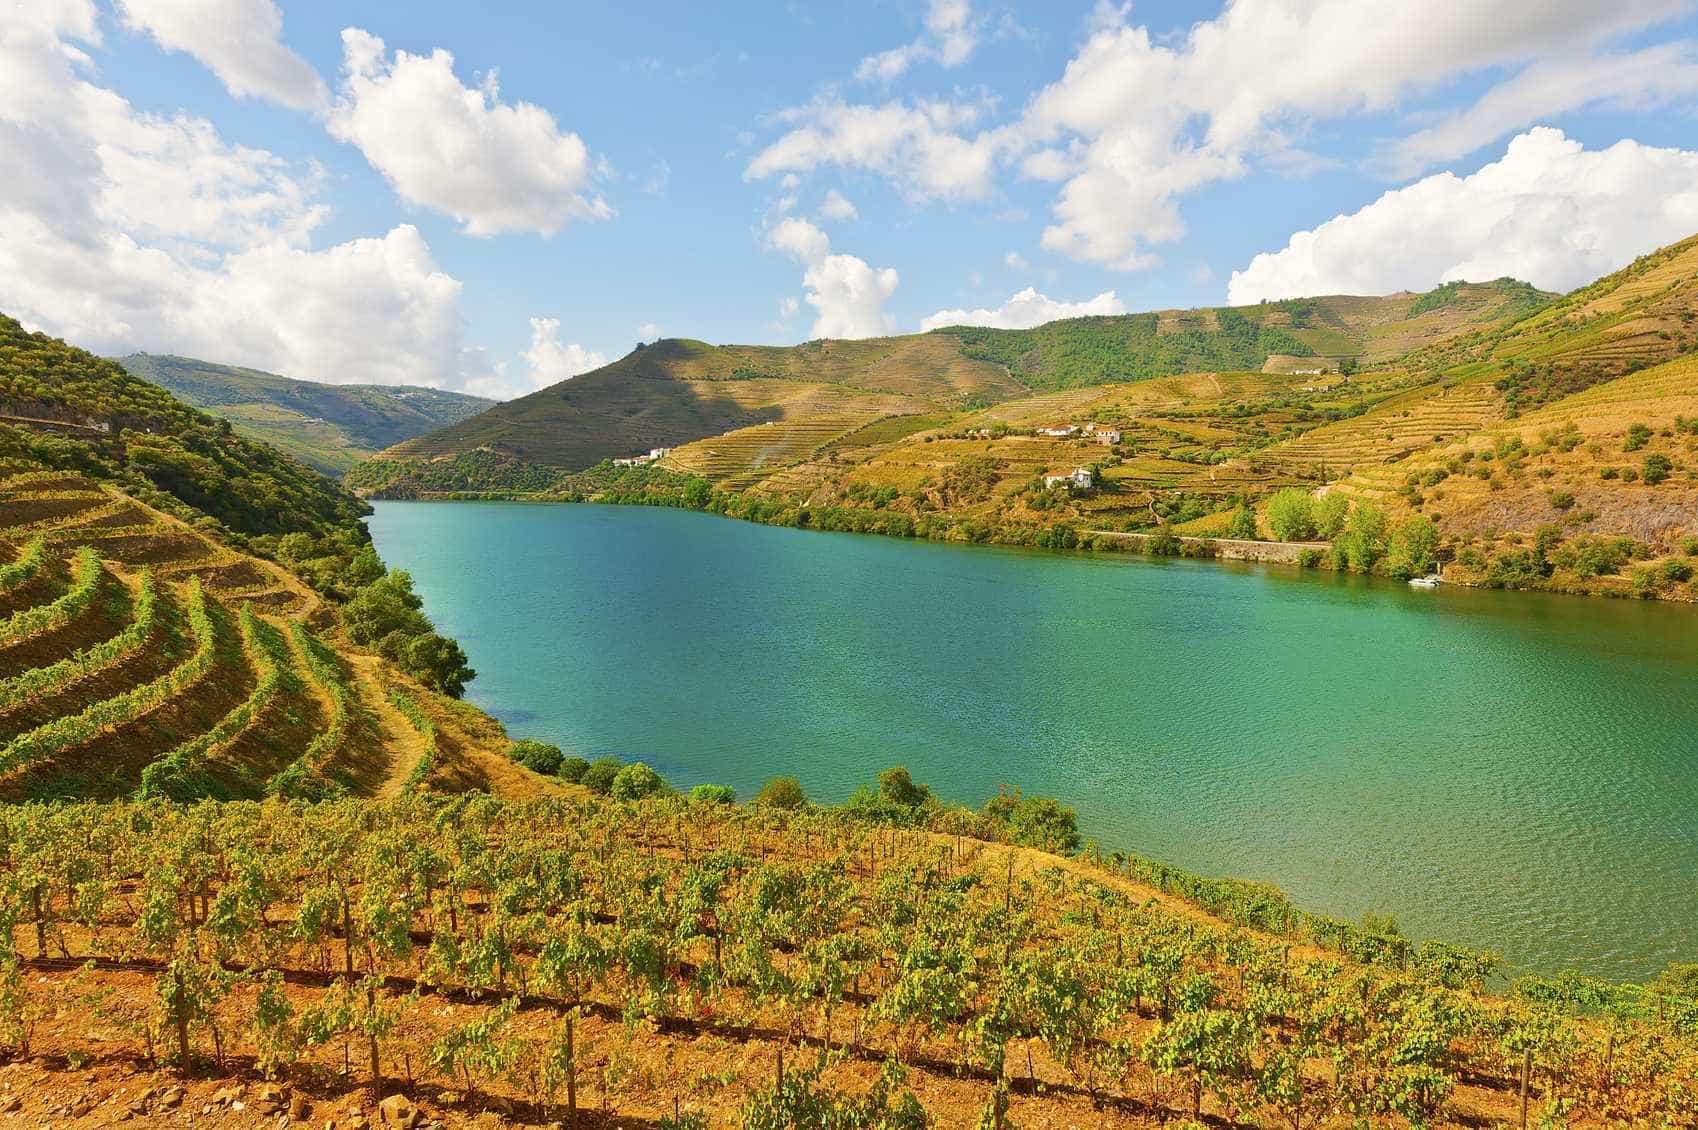 Este ano, teremos a mais baixa produção de vinho dos últimos 20 anos